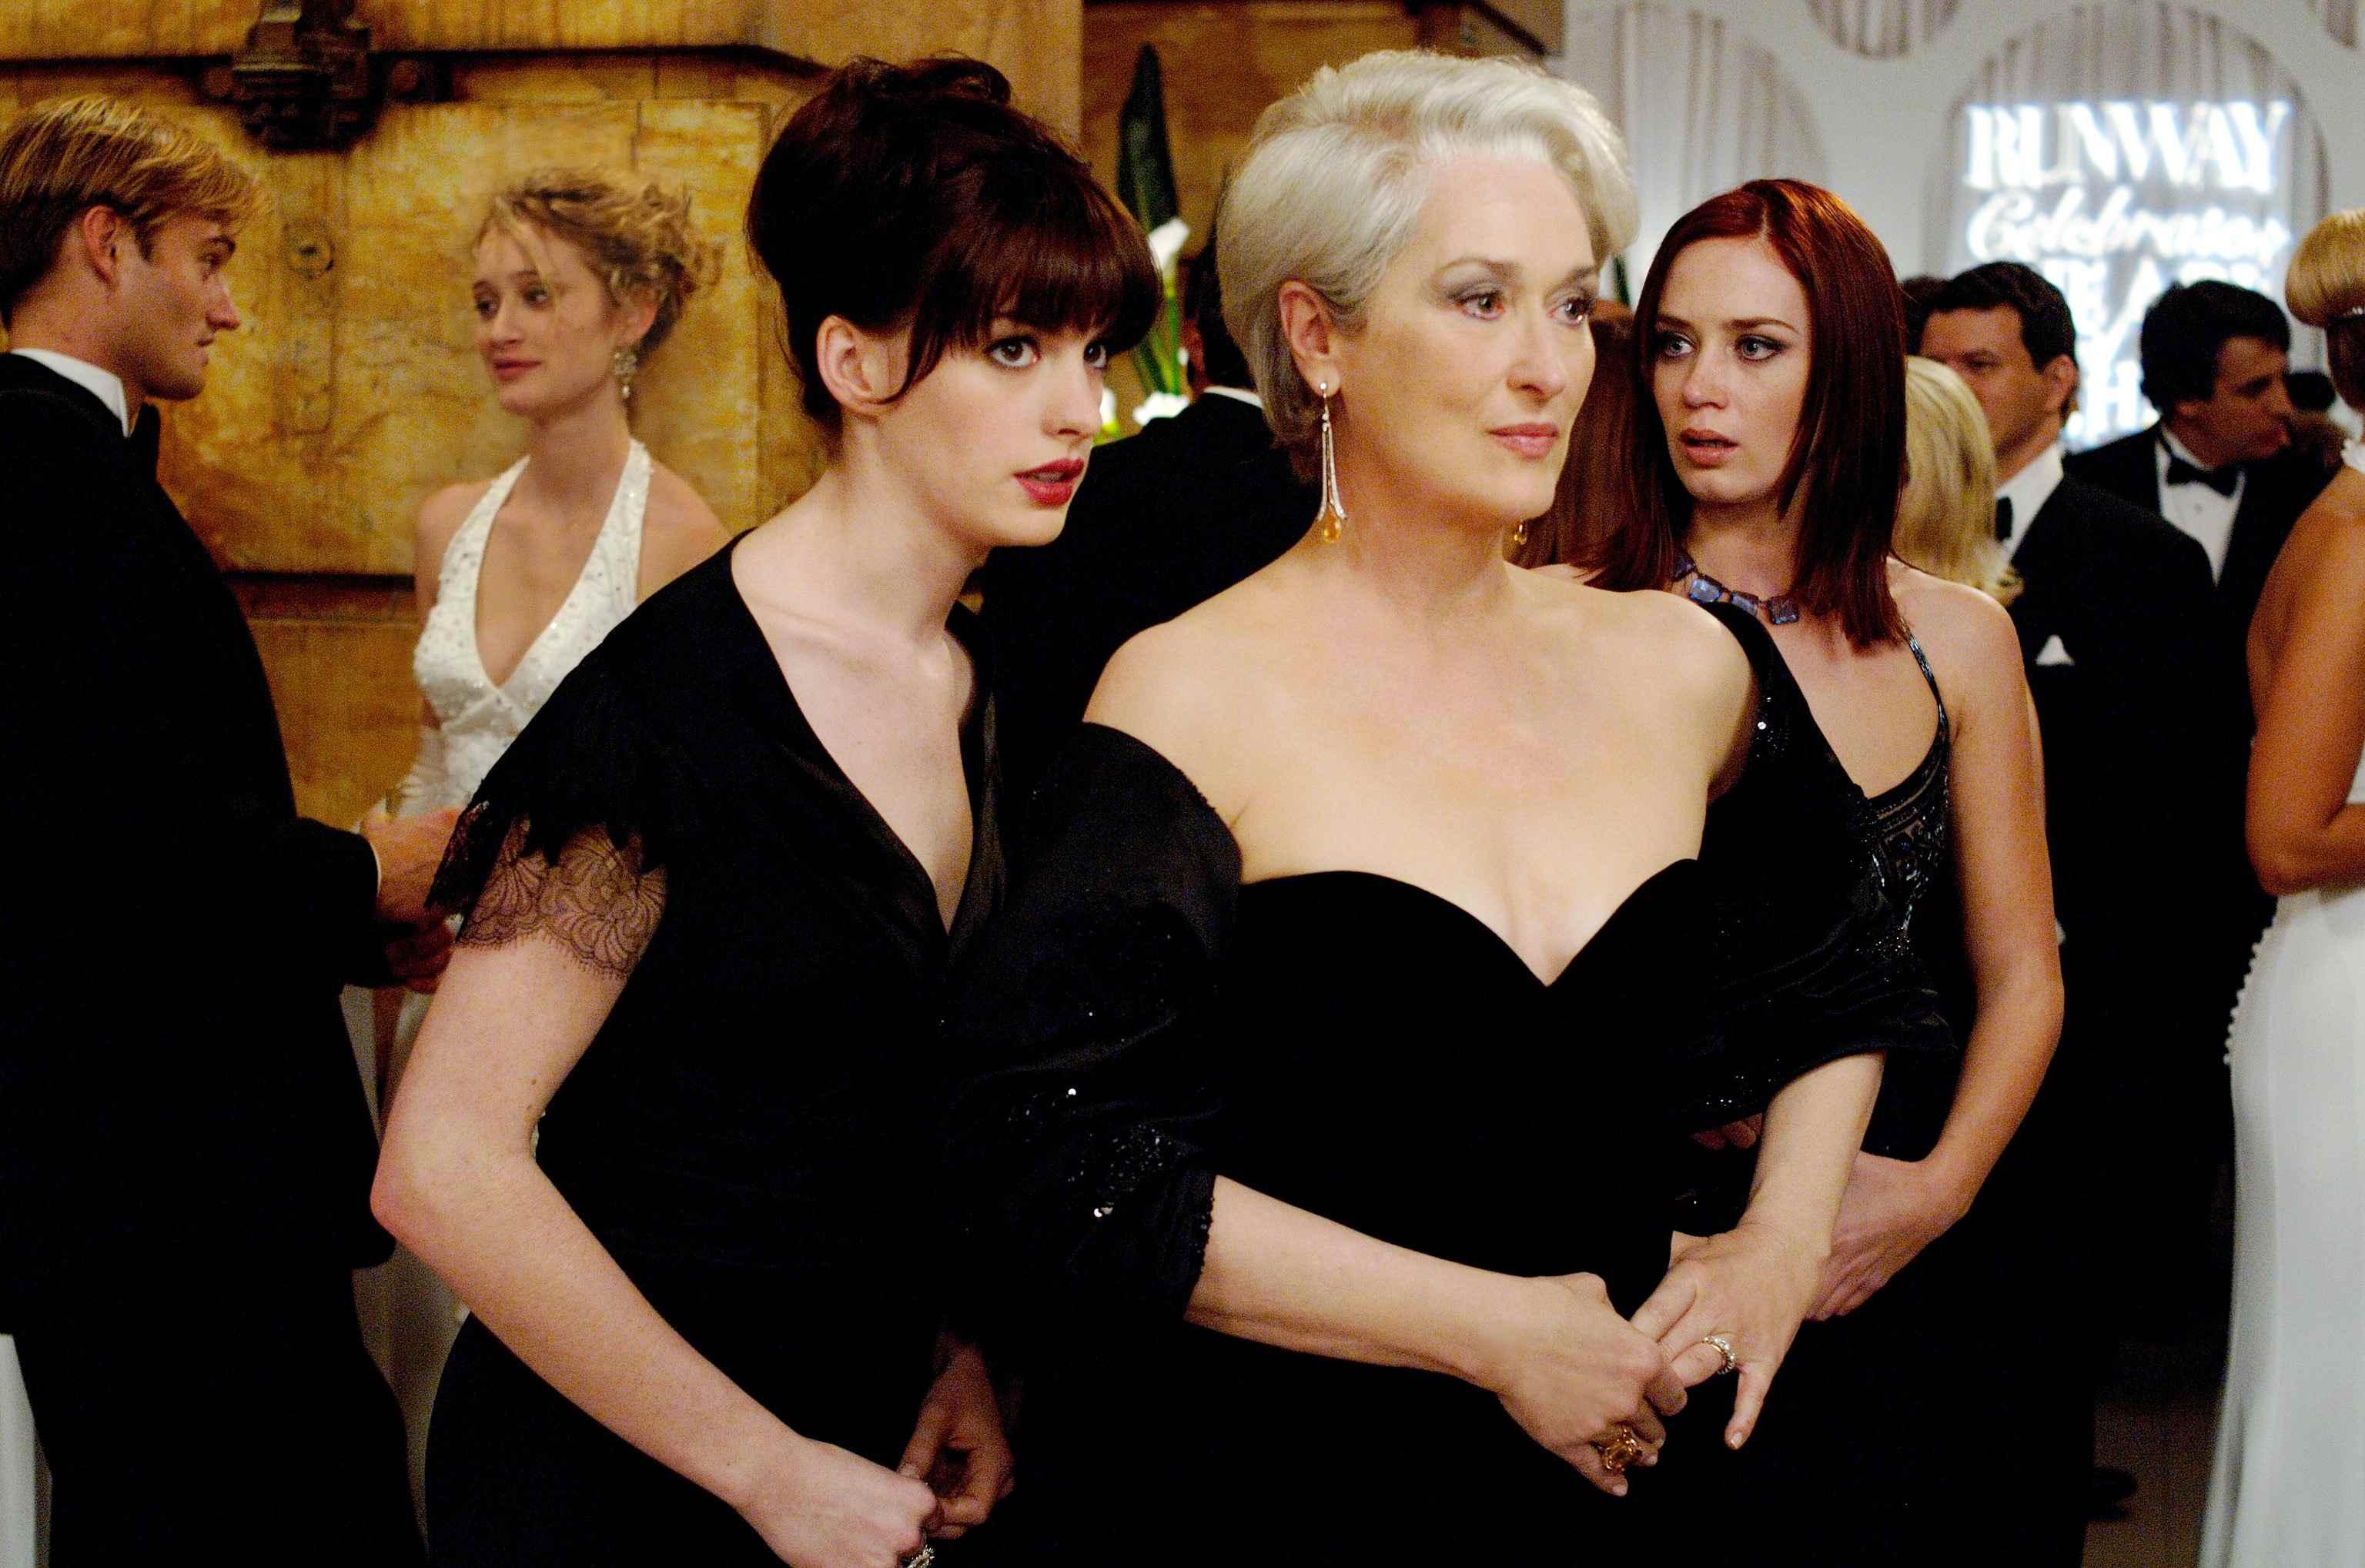 Se me aparecio una mujer vestida de negro